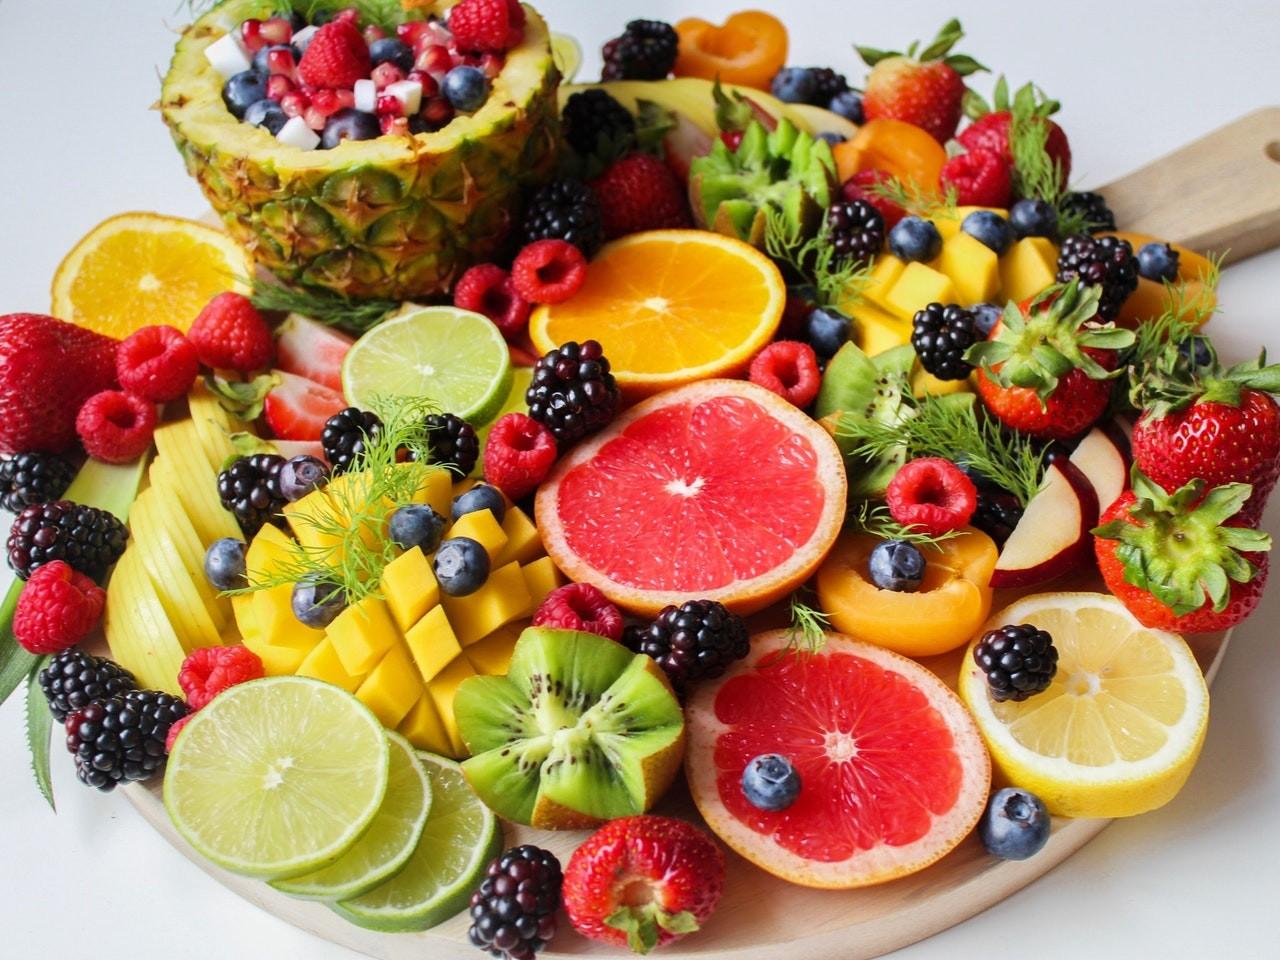 Фрукты и овощи для похудения и выведения жира. Какие фрукты едят при похудении